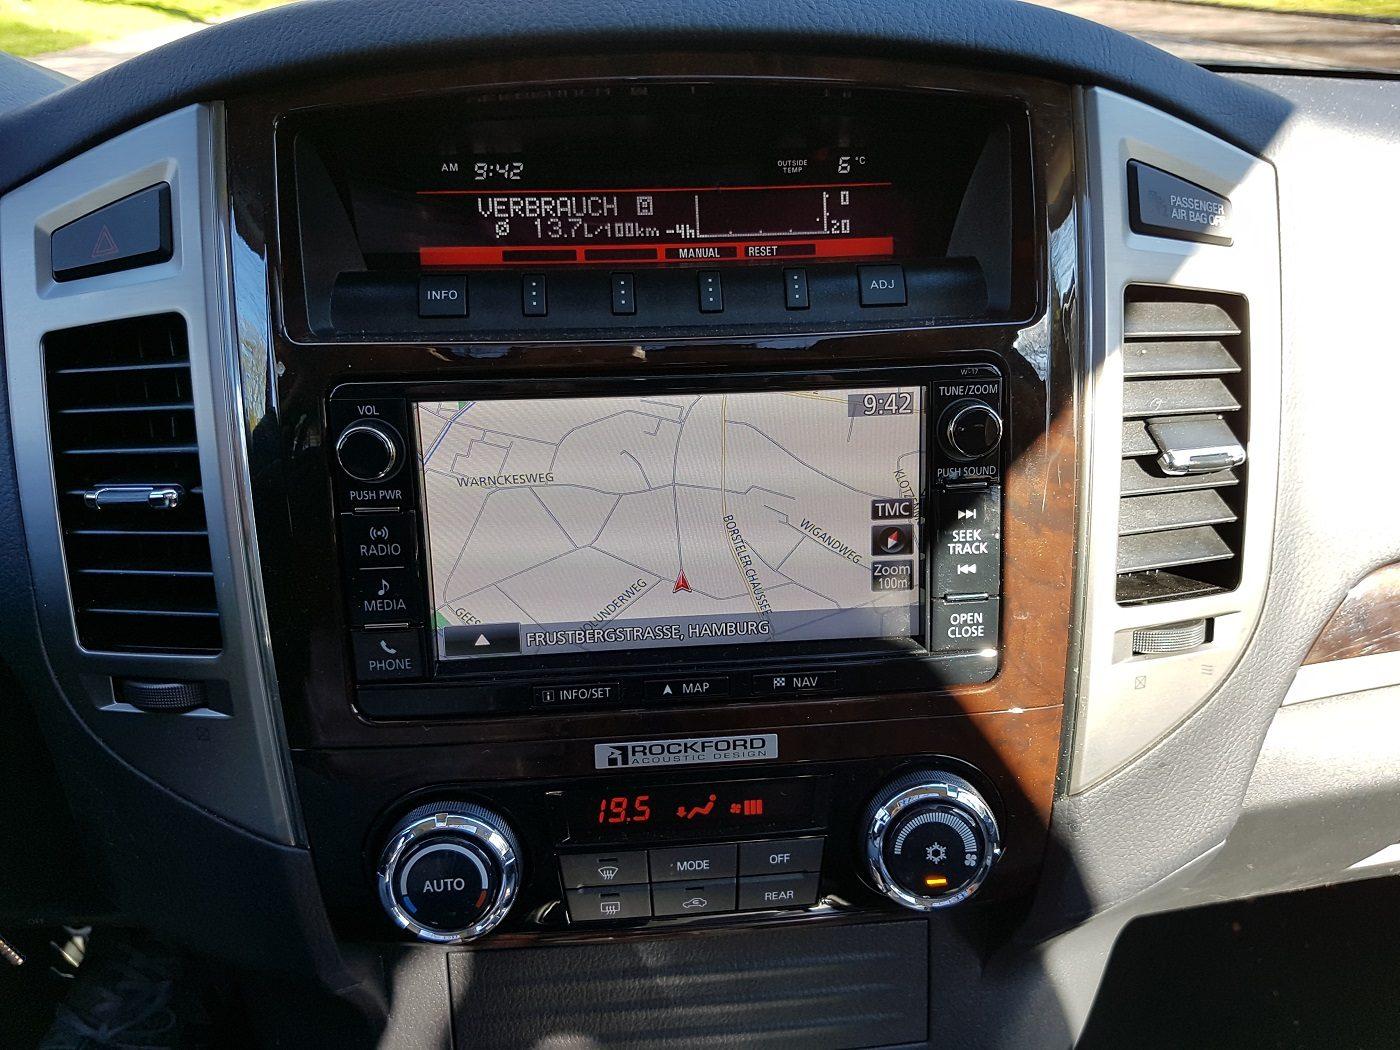 Mitsubishi_pajero-navigation